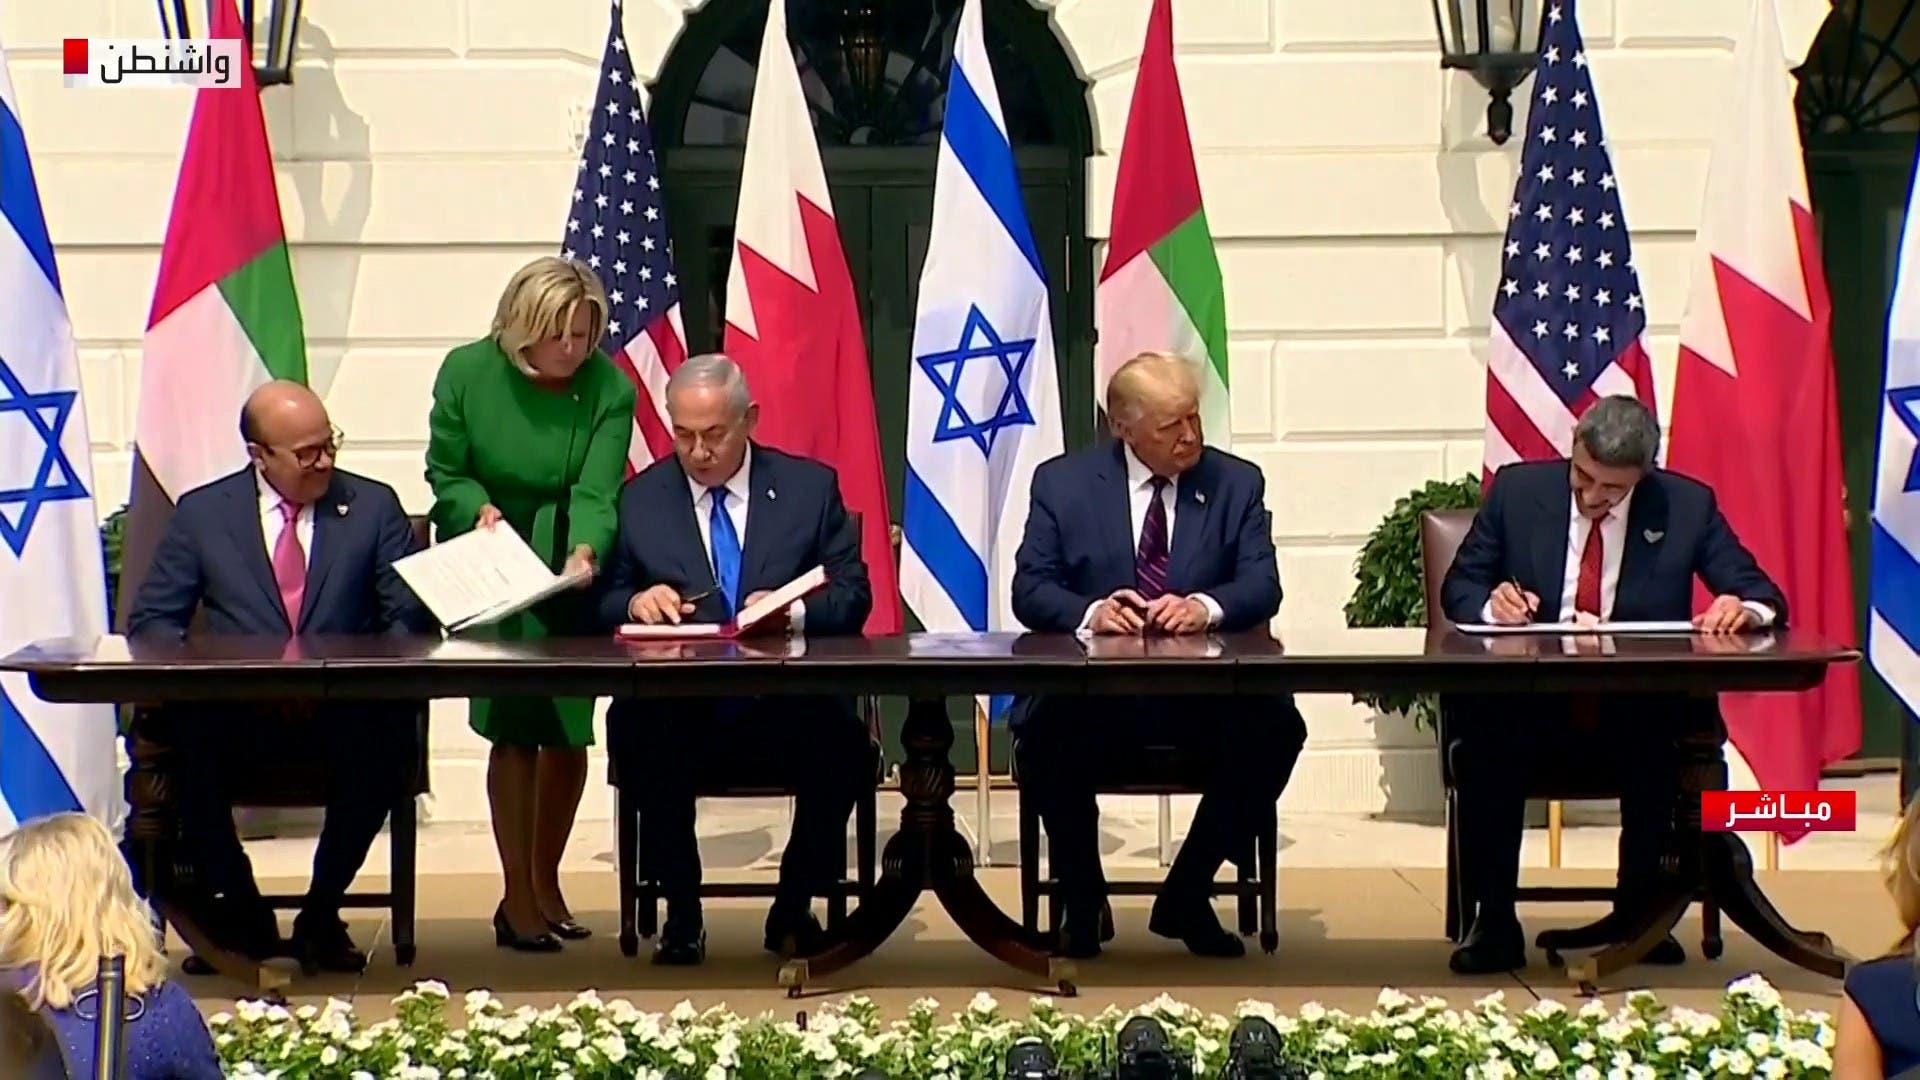 لحظة توقيع الاتفاق التاريخي بين إسرائيل و الإمارات و البحرين برعاية أميركية